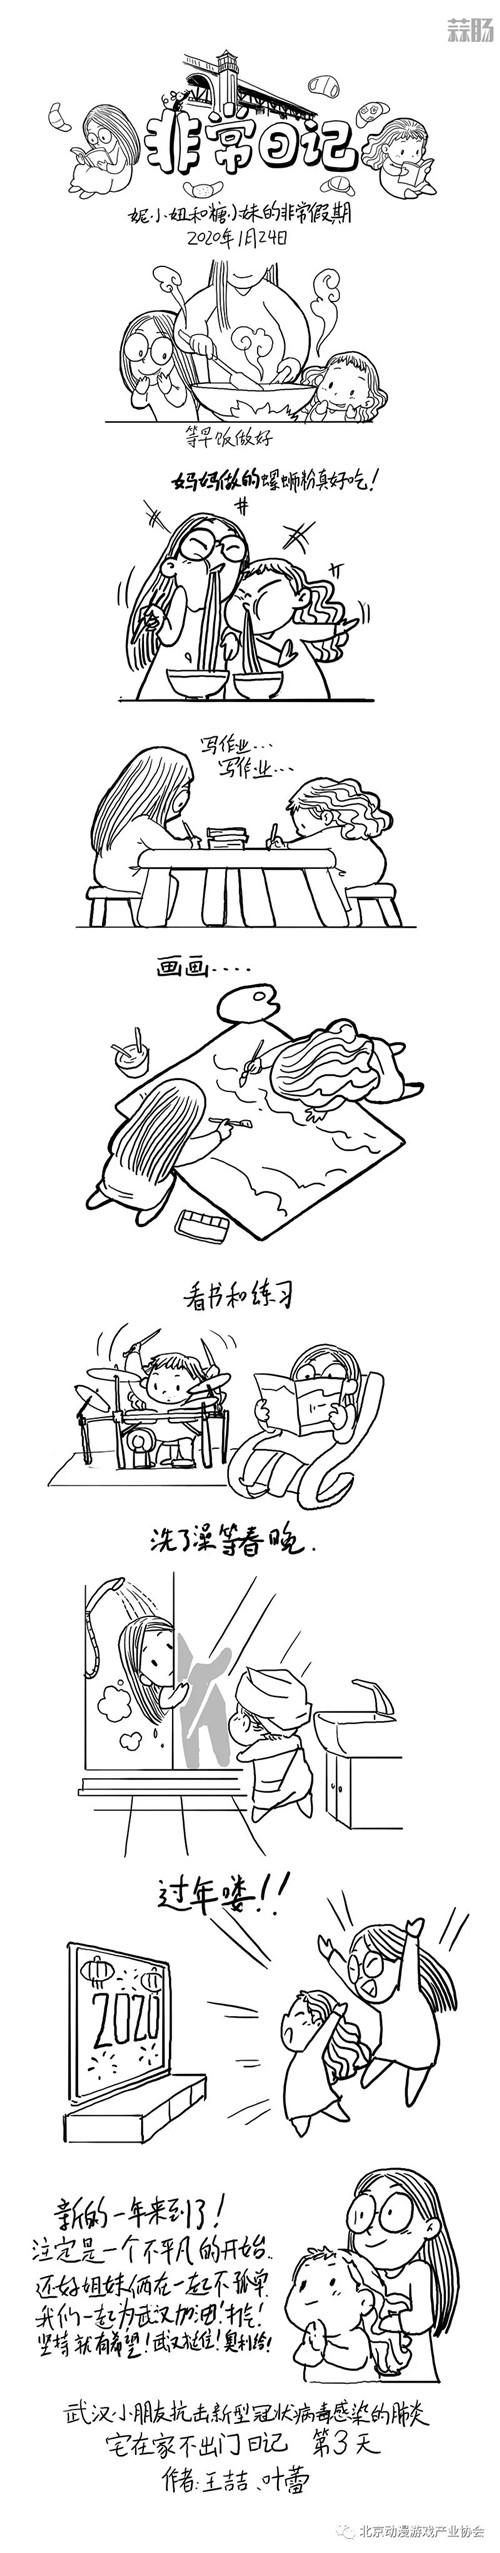 来自疫区的战士,他们在用画笔战斗! 动漫 第9张